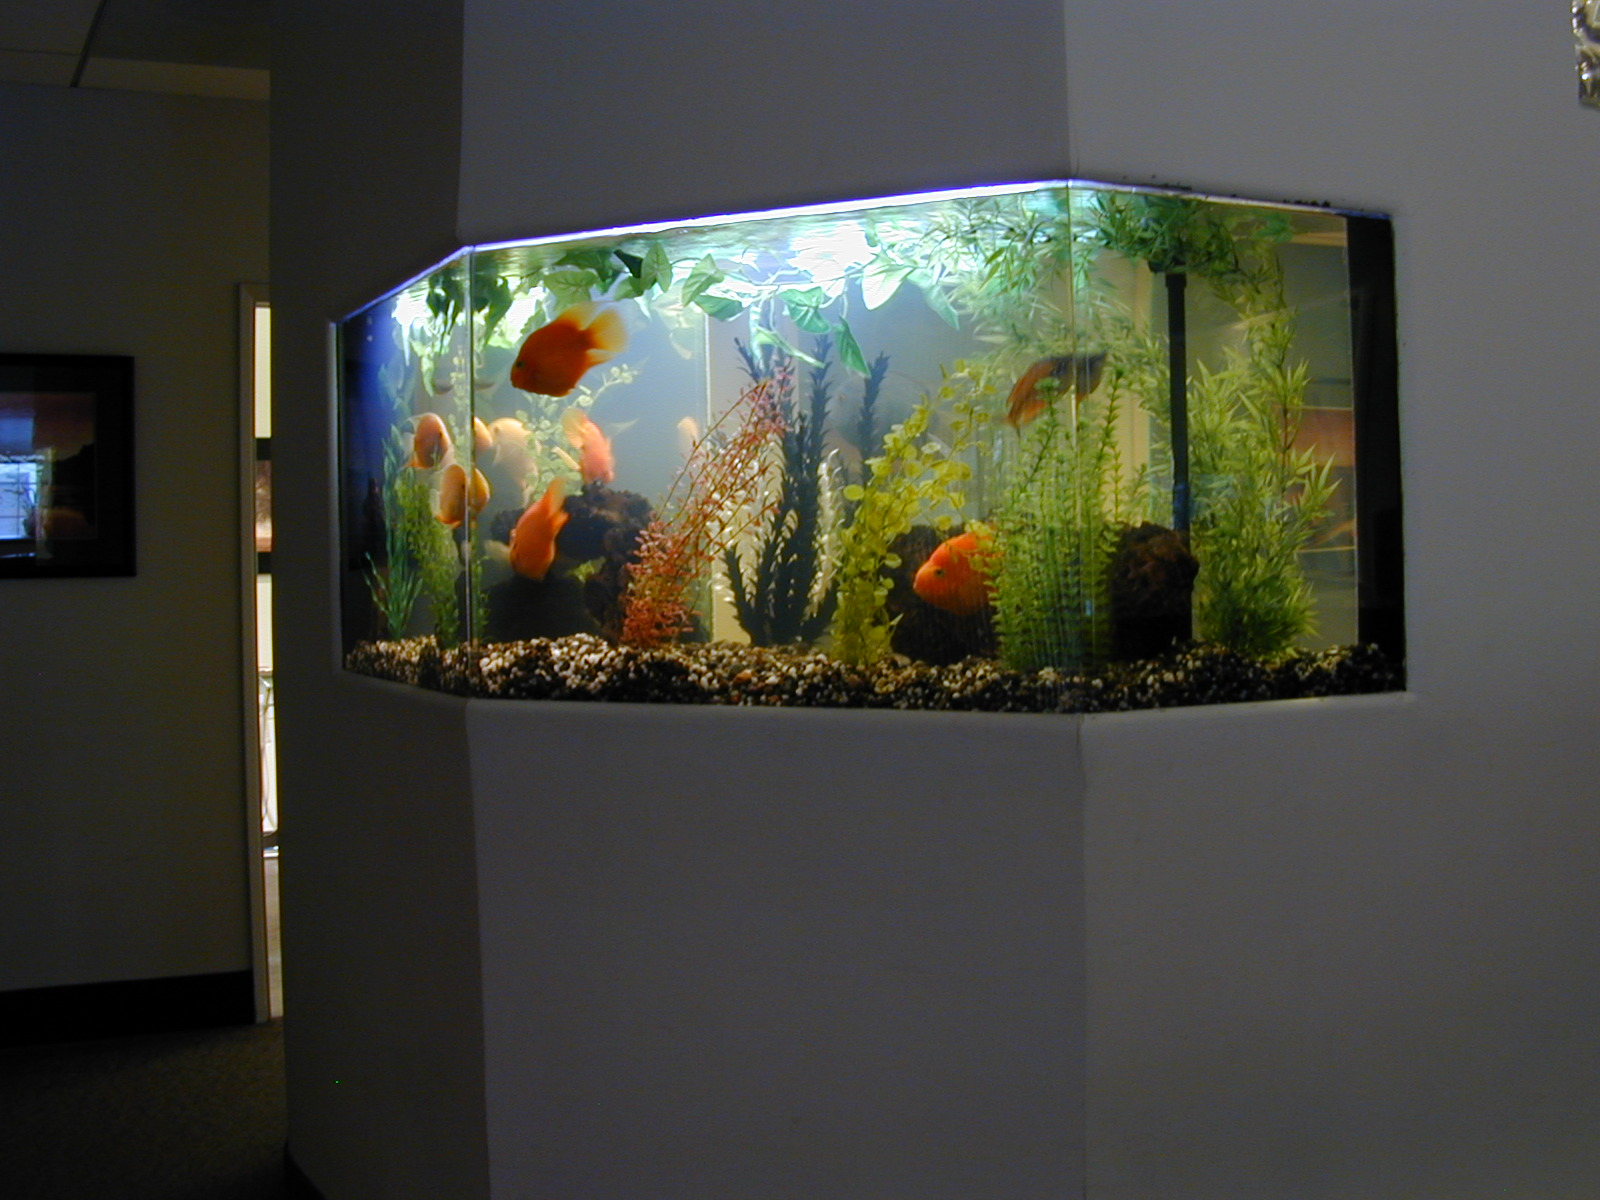 Декор для аквариума в прихожей